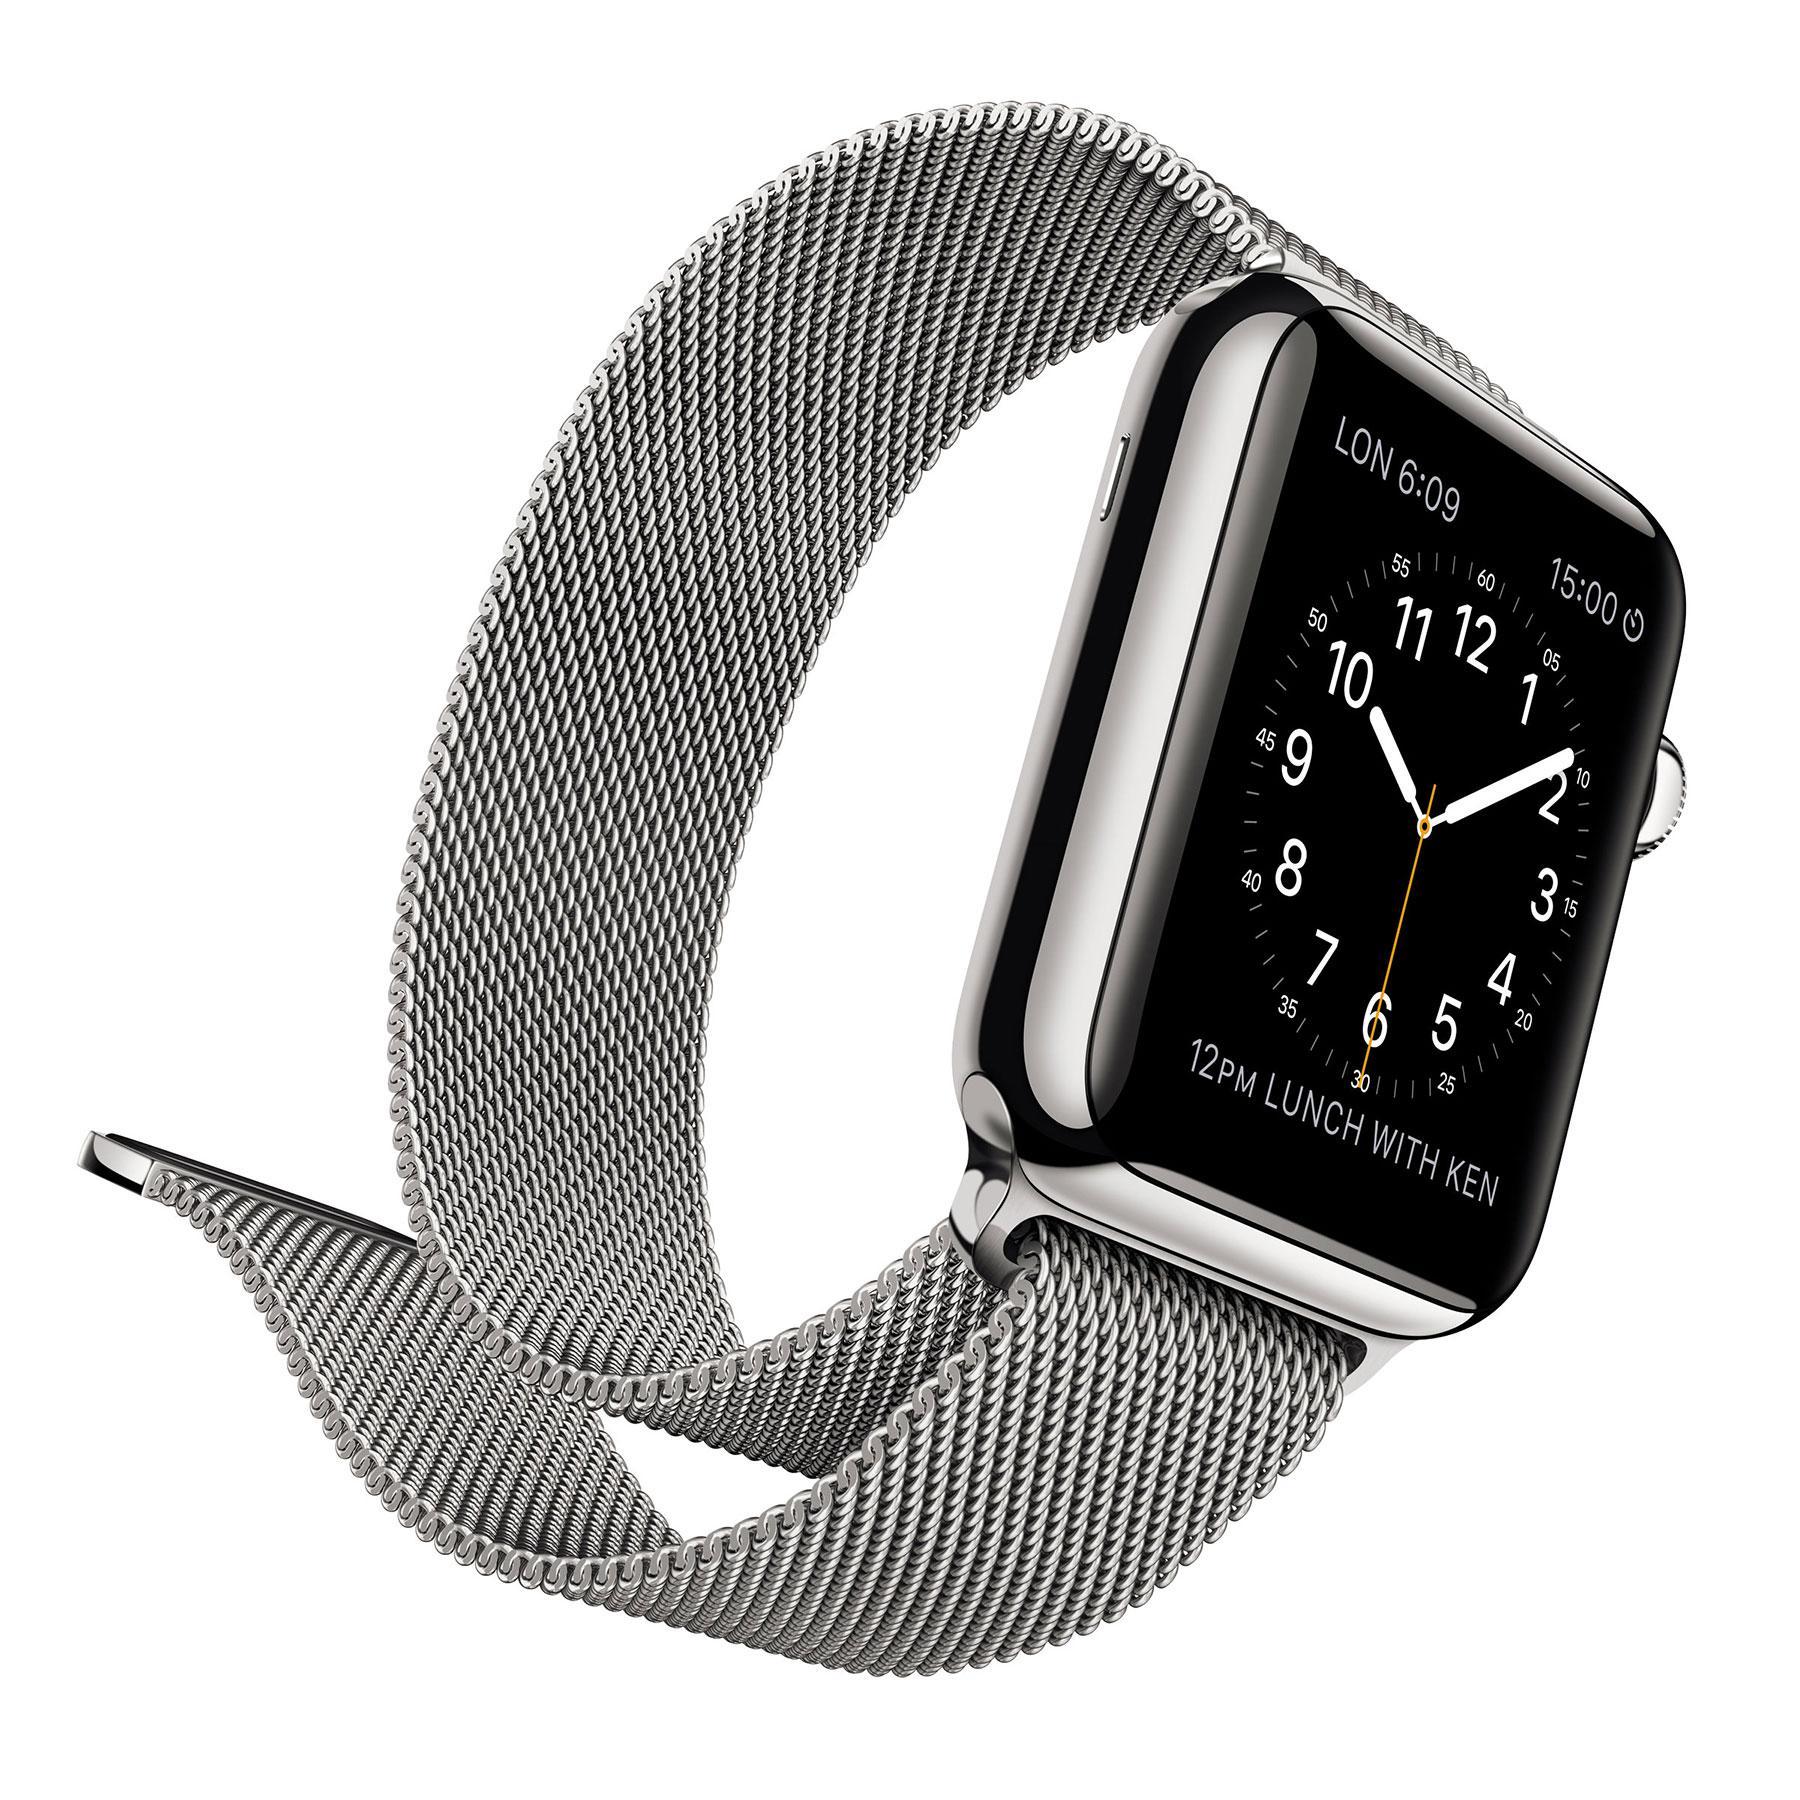 Apple Watch con correa metálica